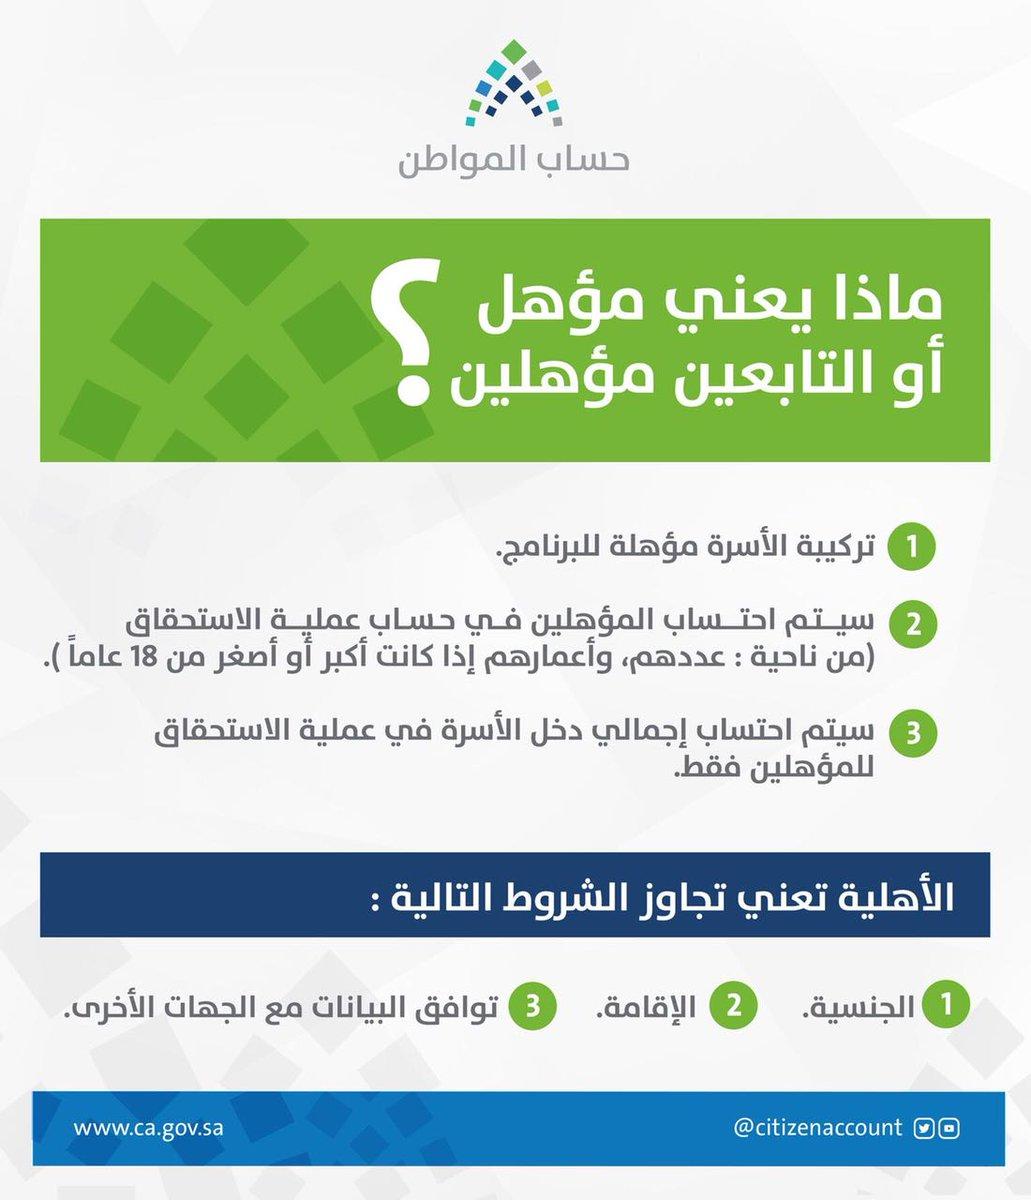 هنا  مستحقي دعم برنامج حساب المواطن السعودي 1439 ورابط بوابه المواطن الالكترونية 2 13/2/2018 - 2:20 ص